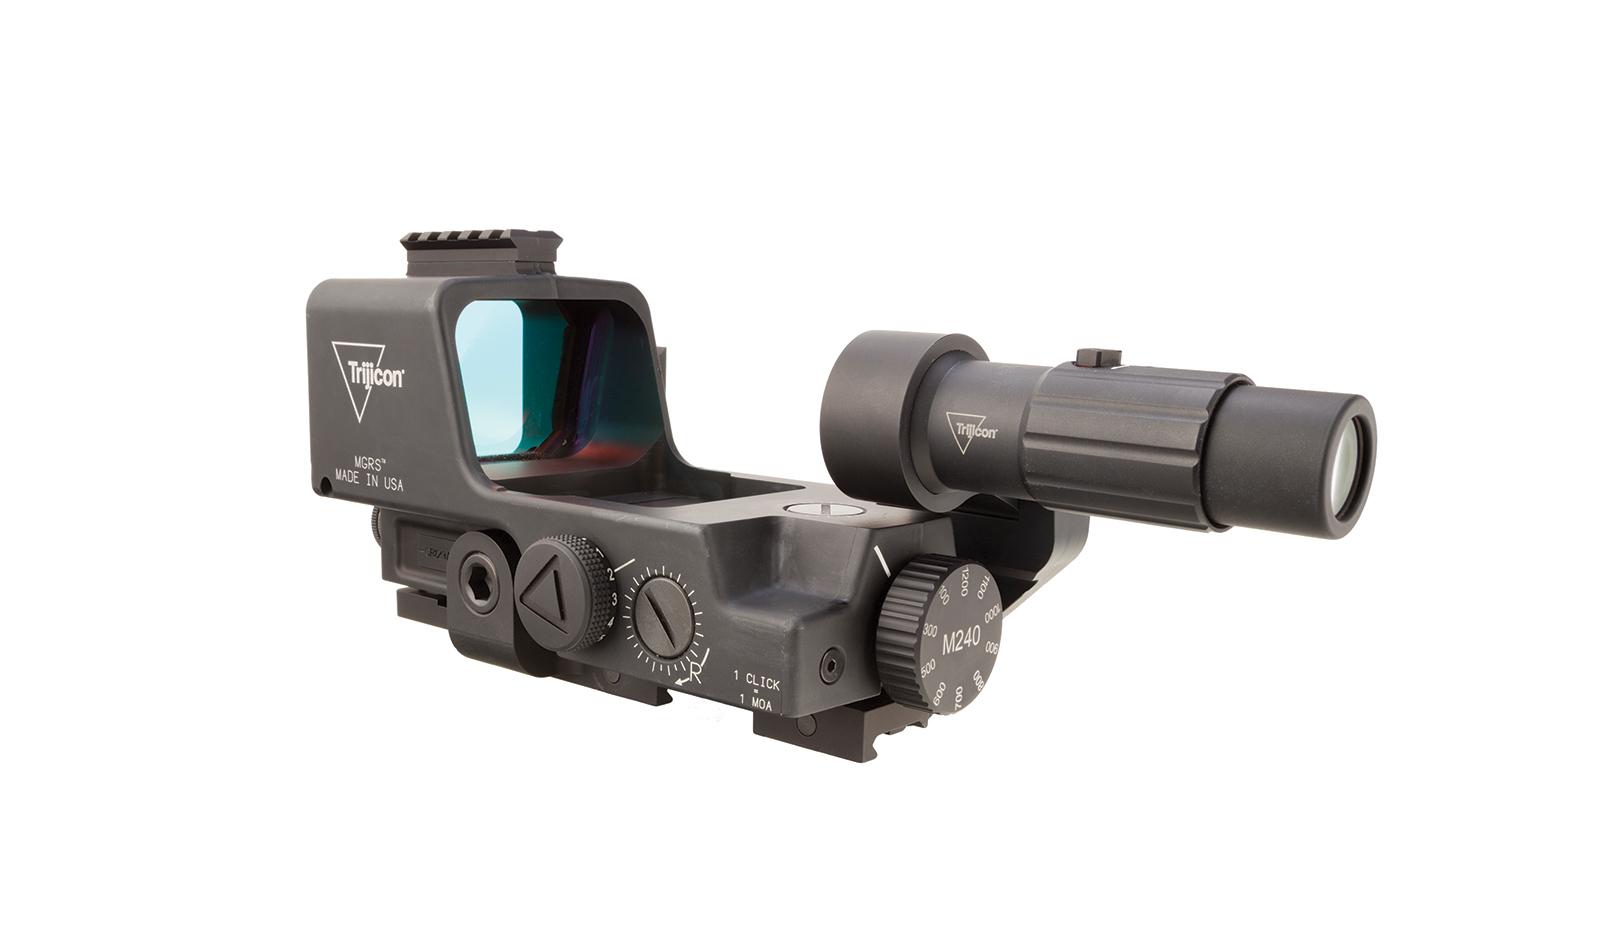 MGRS-D-2300005 angle 3